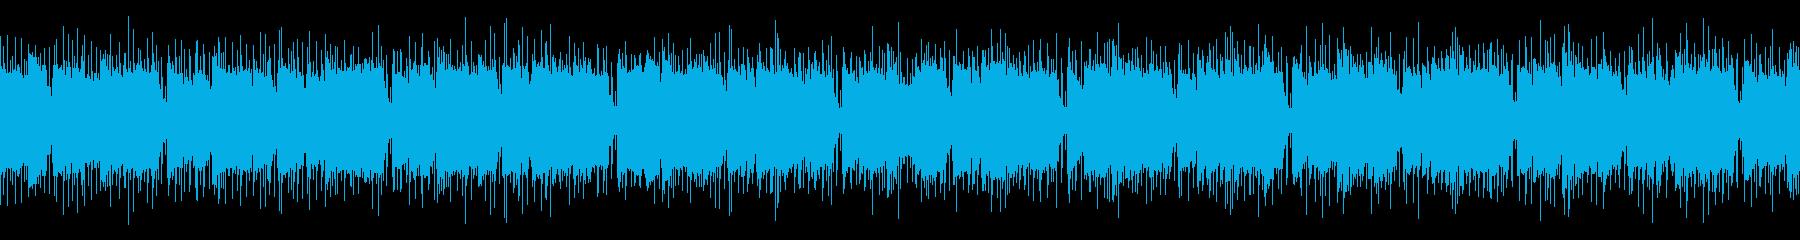 【ループ仕様】chill/おしゃれ/軽快の再生済みの波形